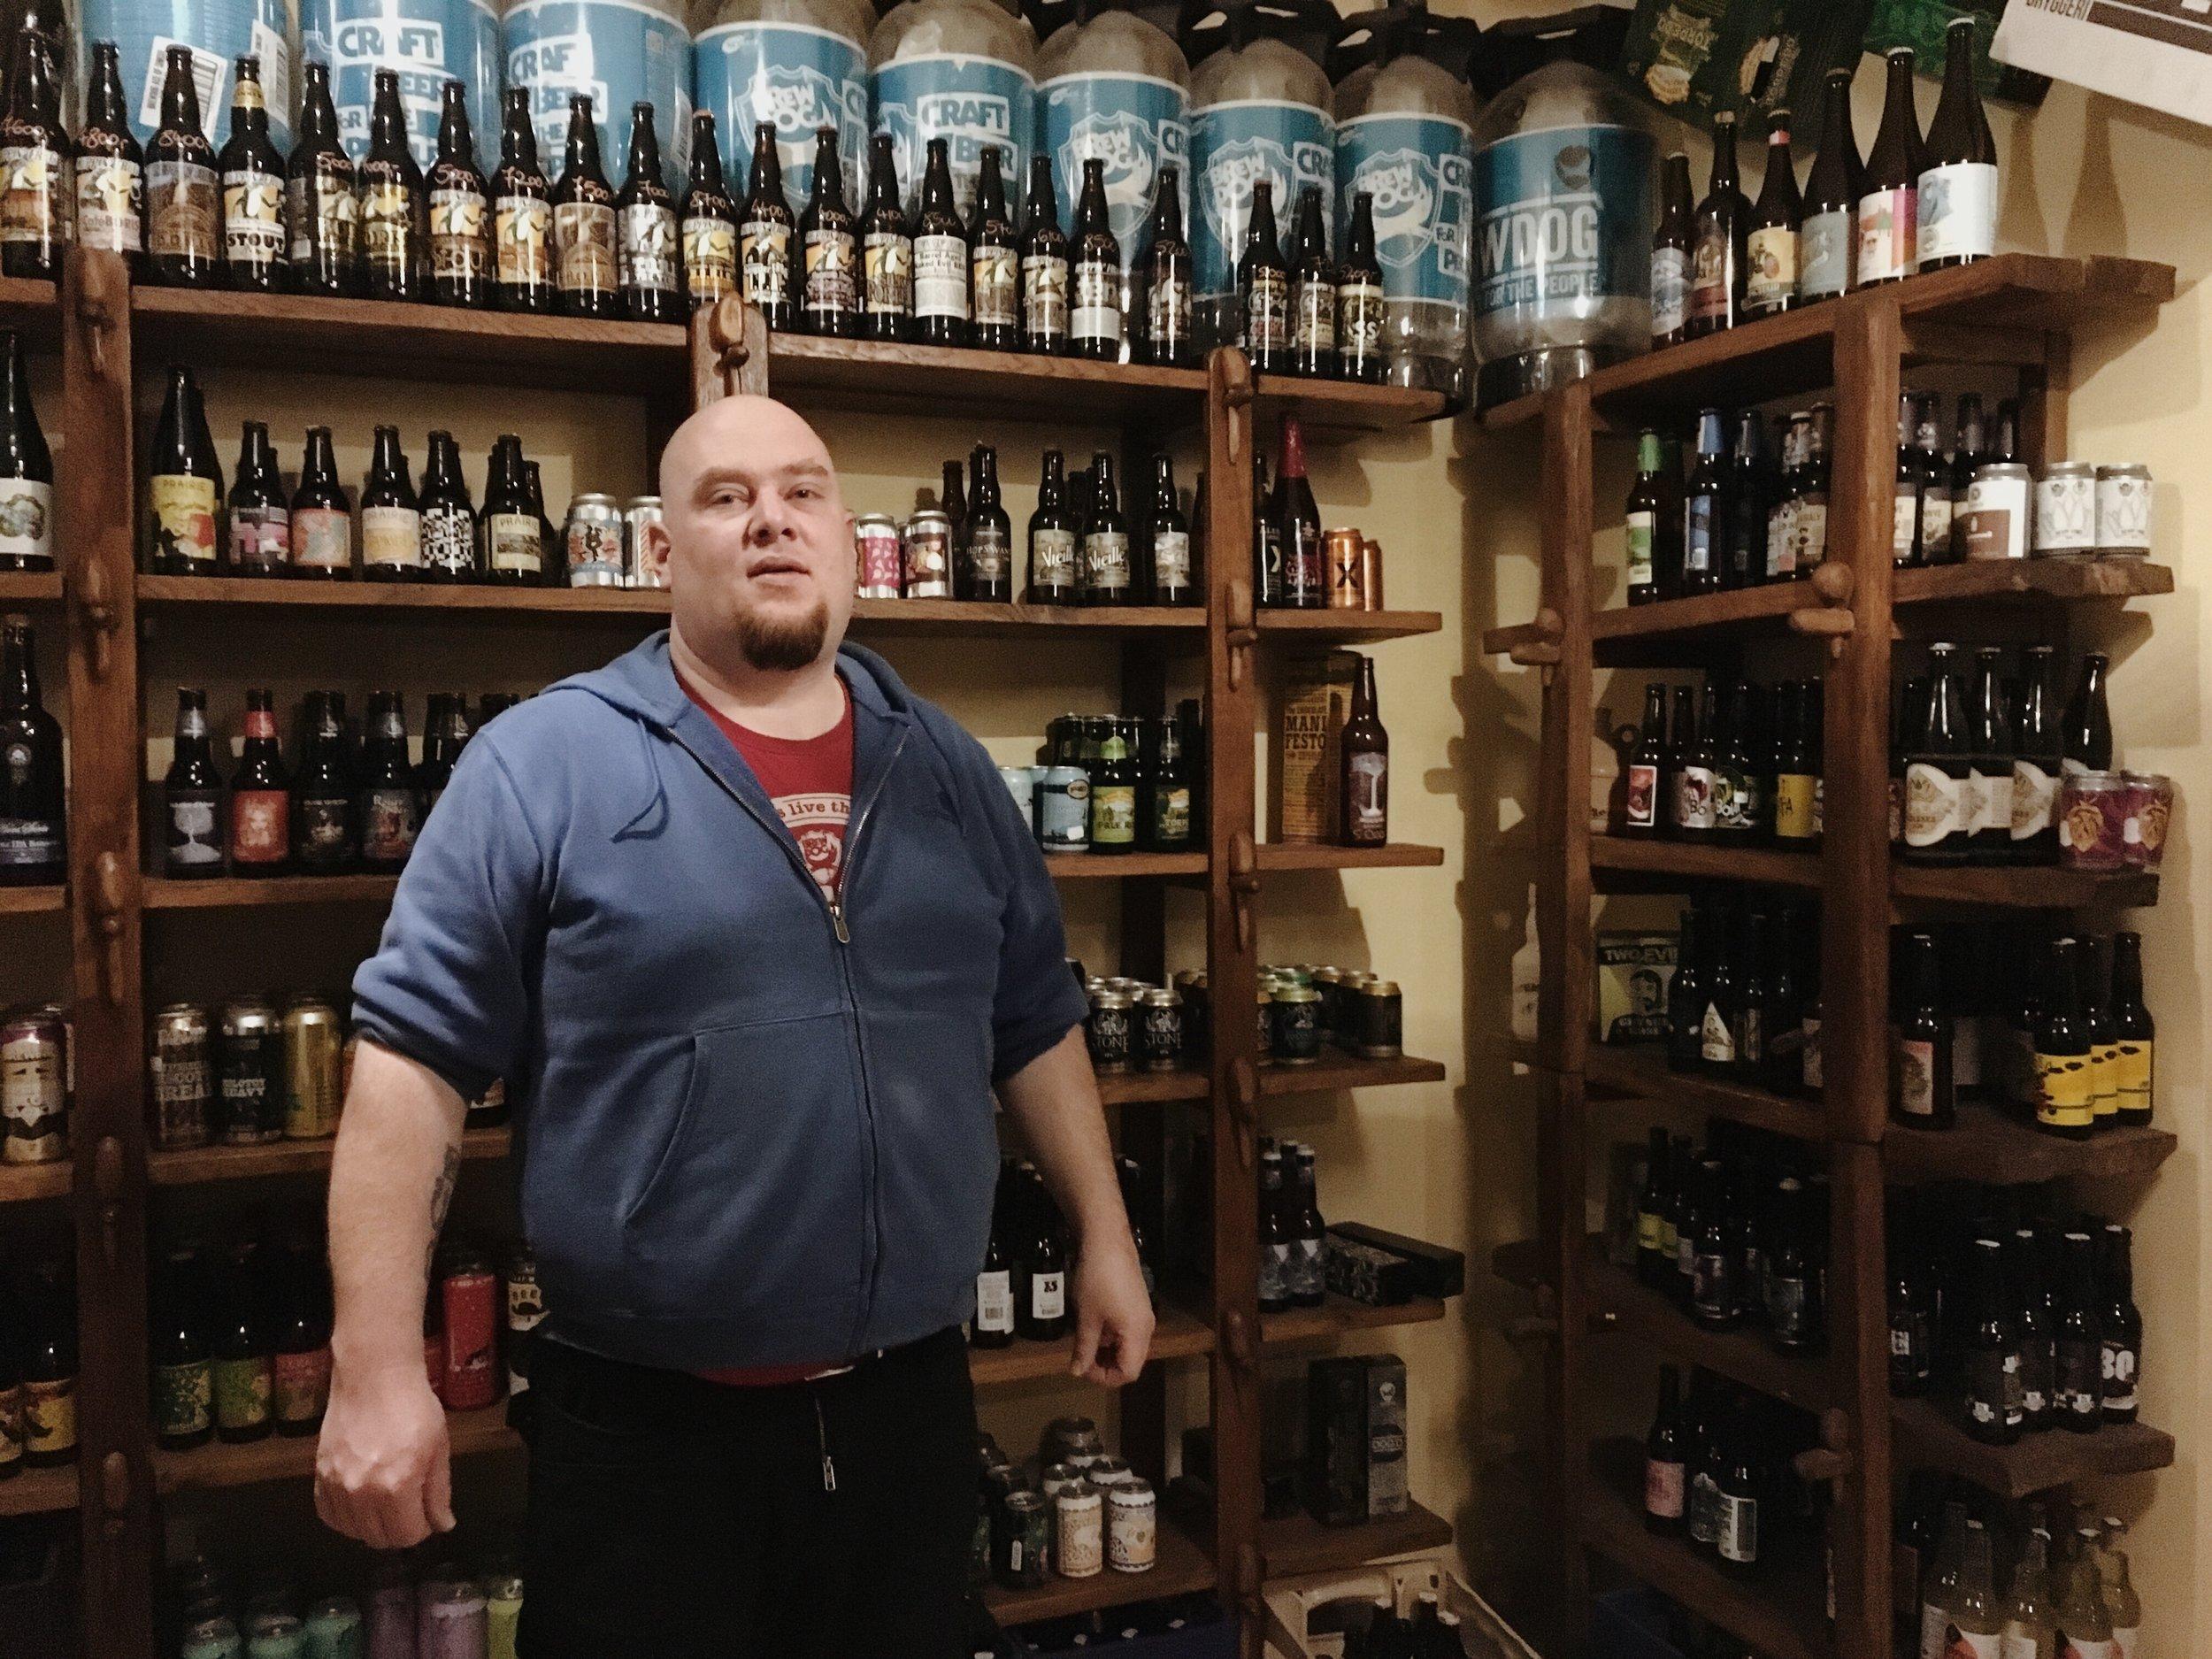 Gergely Kővári, owner of Hopaholic + Csak a Jo Sor